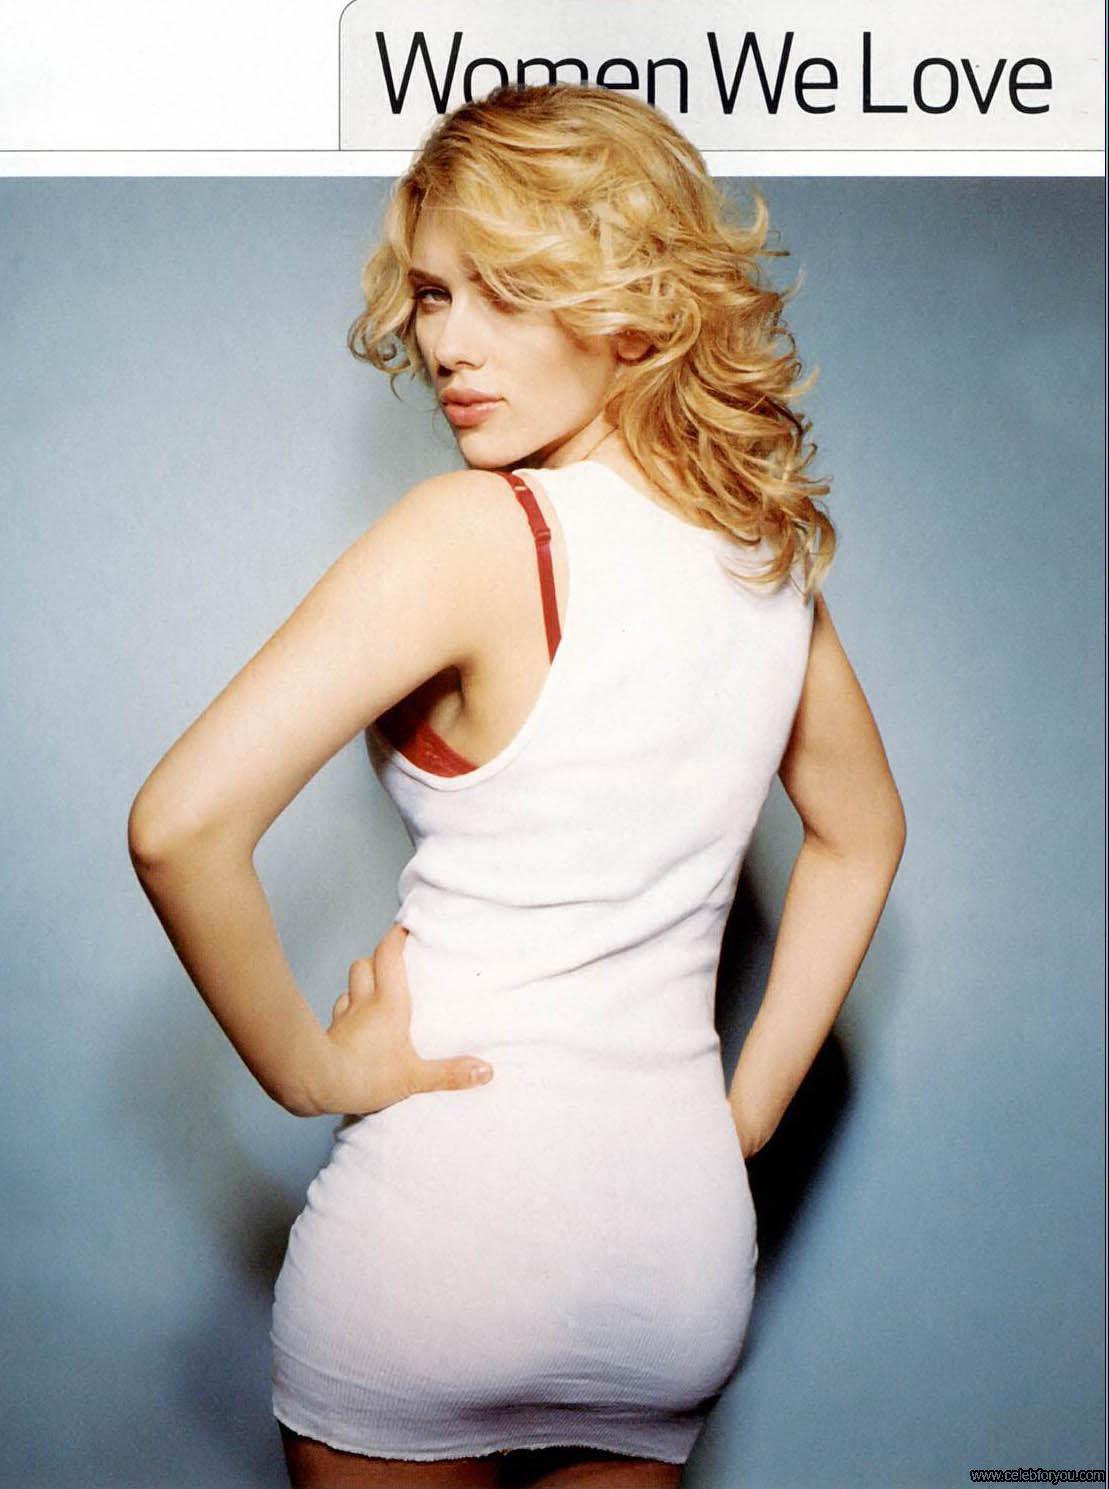 http://3.bp.blogspot.com/-9hH8z57tjgY/TlqNu8hnbGI/AAAAAAAAAOg/x95oK_NctPY/s1600/Scarlett-Johansson-Hot-Pics-Hub-+%25286%2529.jpg